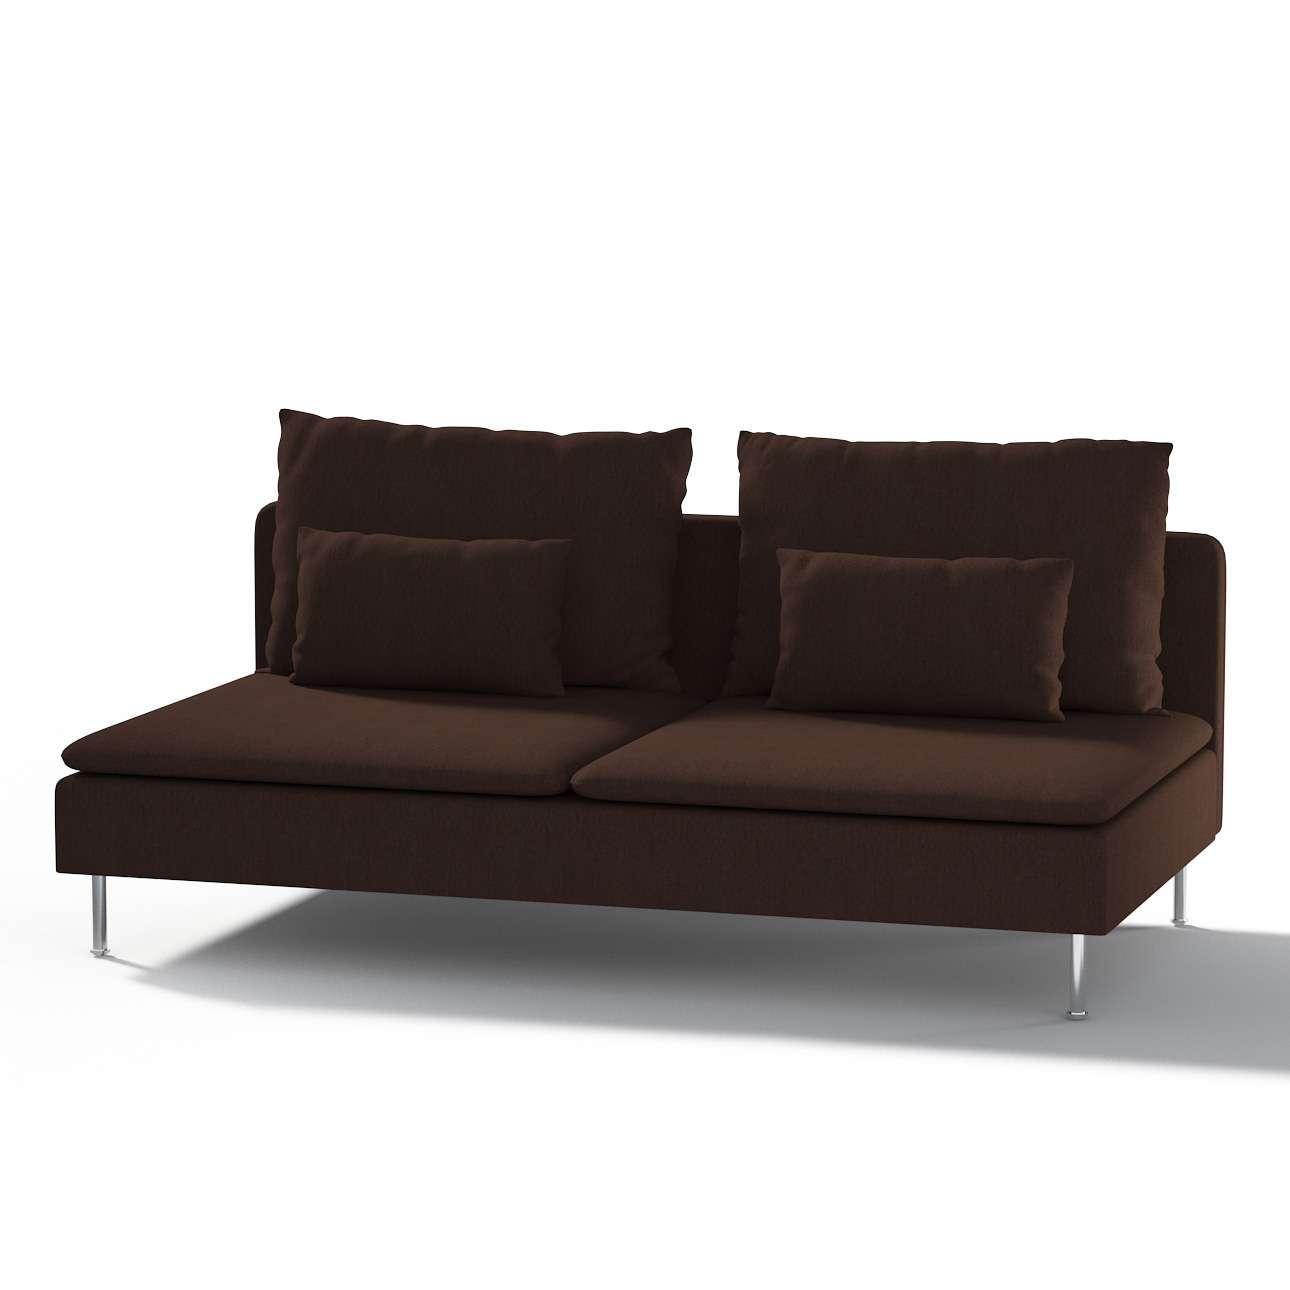 Ikea Söderhamn trivietei sofai užvalkalas Ikea Söderhamn moduliniai trivietei sofai užvalkalas kolekcijoje Chenille, audinys: 702-18